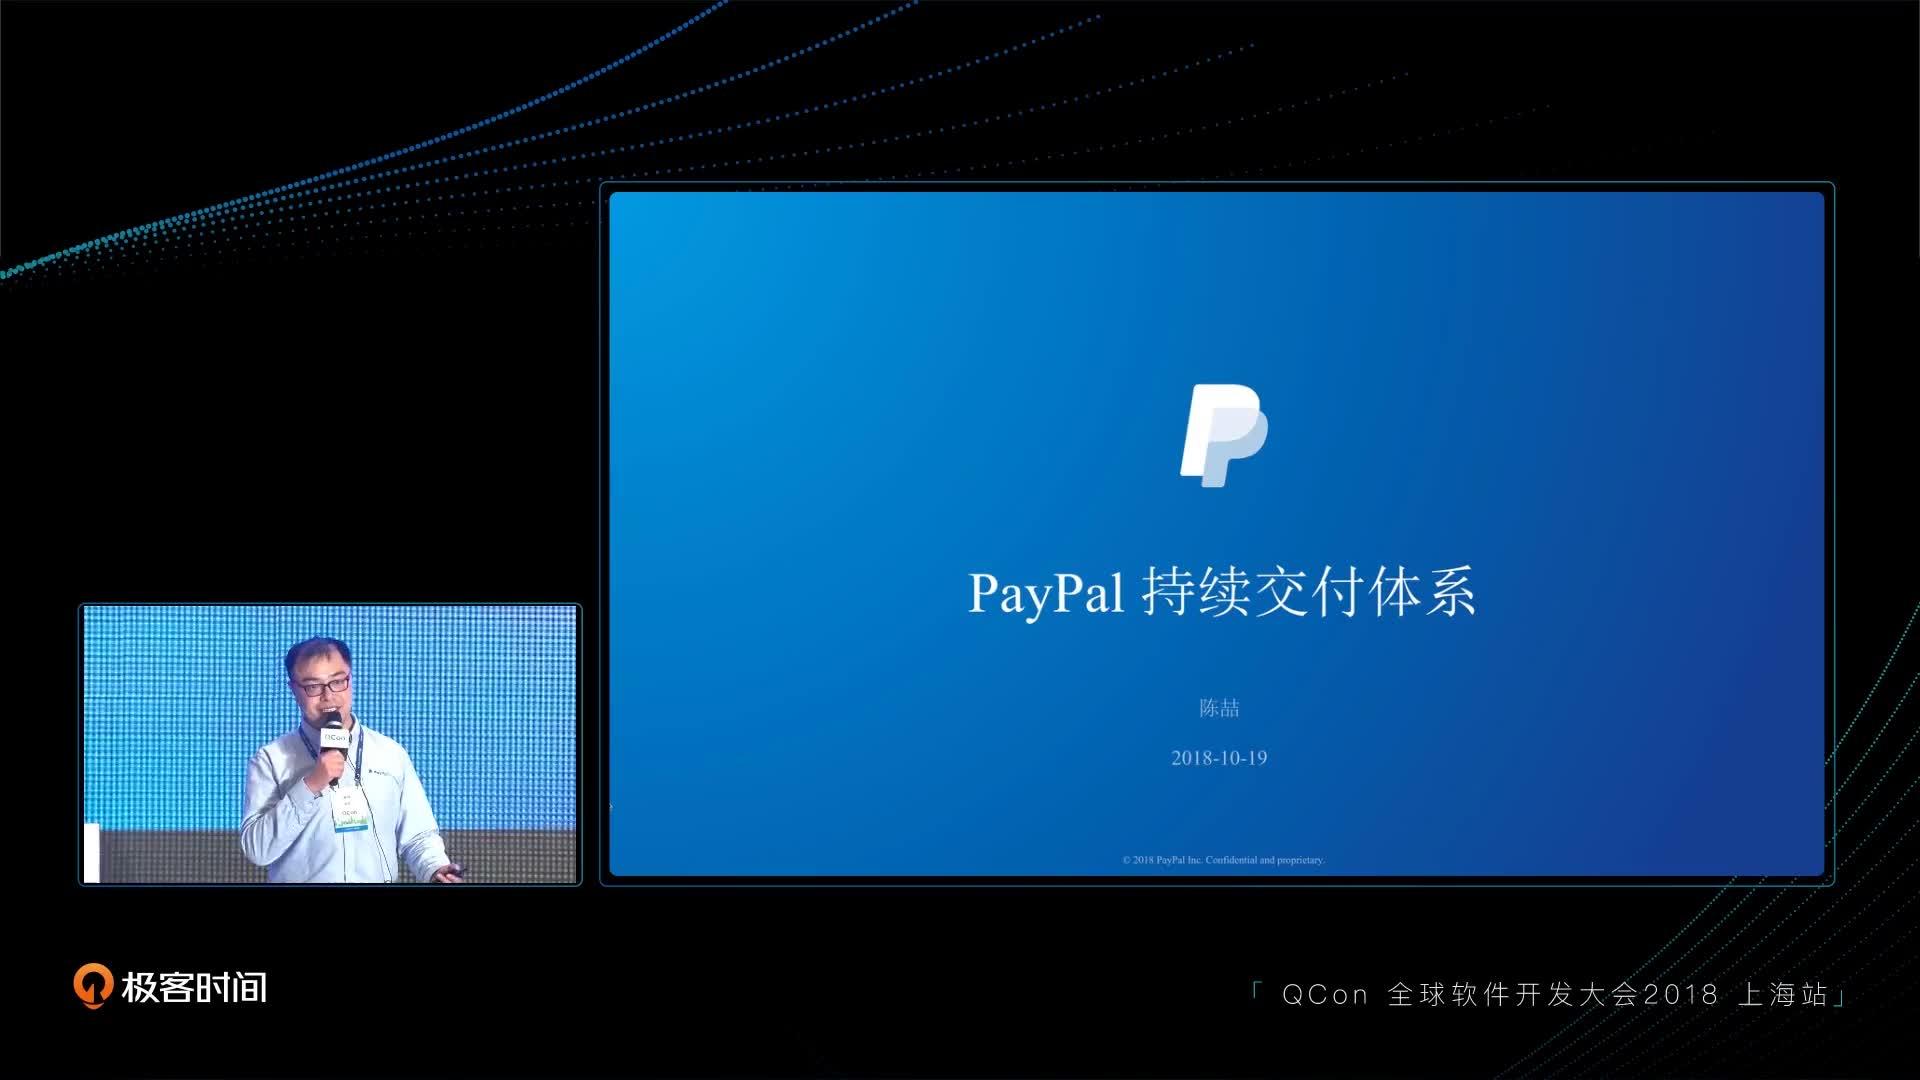 PayPal 持续交付体系的演变丨QCon